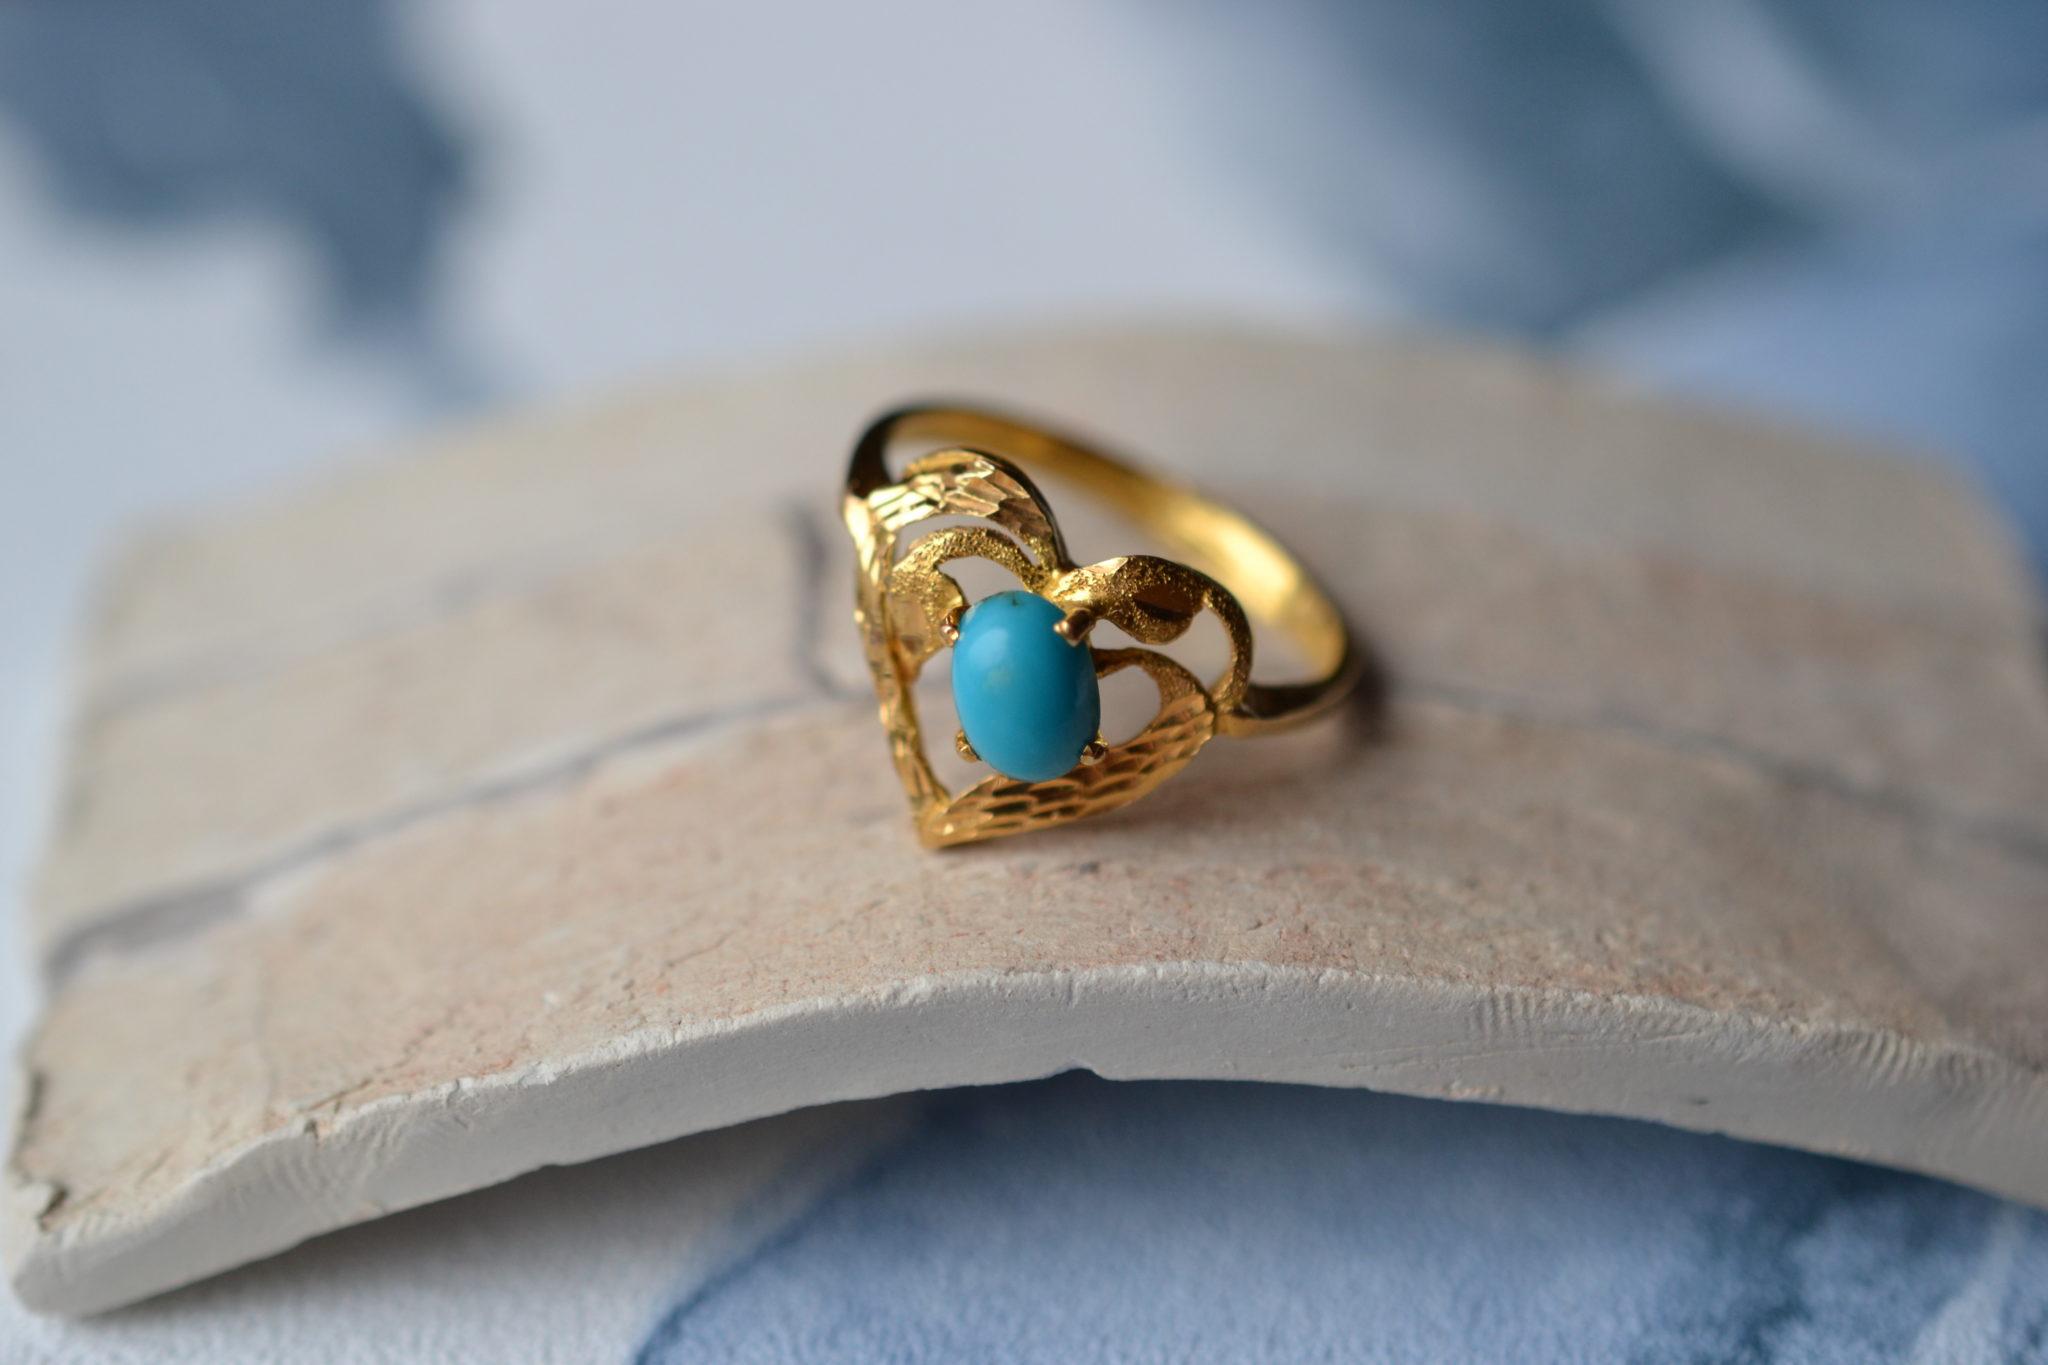 Bague En Or Jaune En Forme De Cœur, Sertie D_une Turquoise - Bague Ancienne